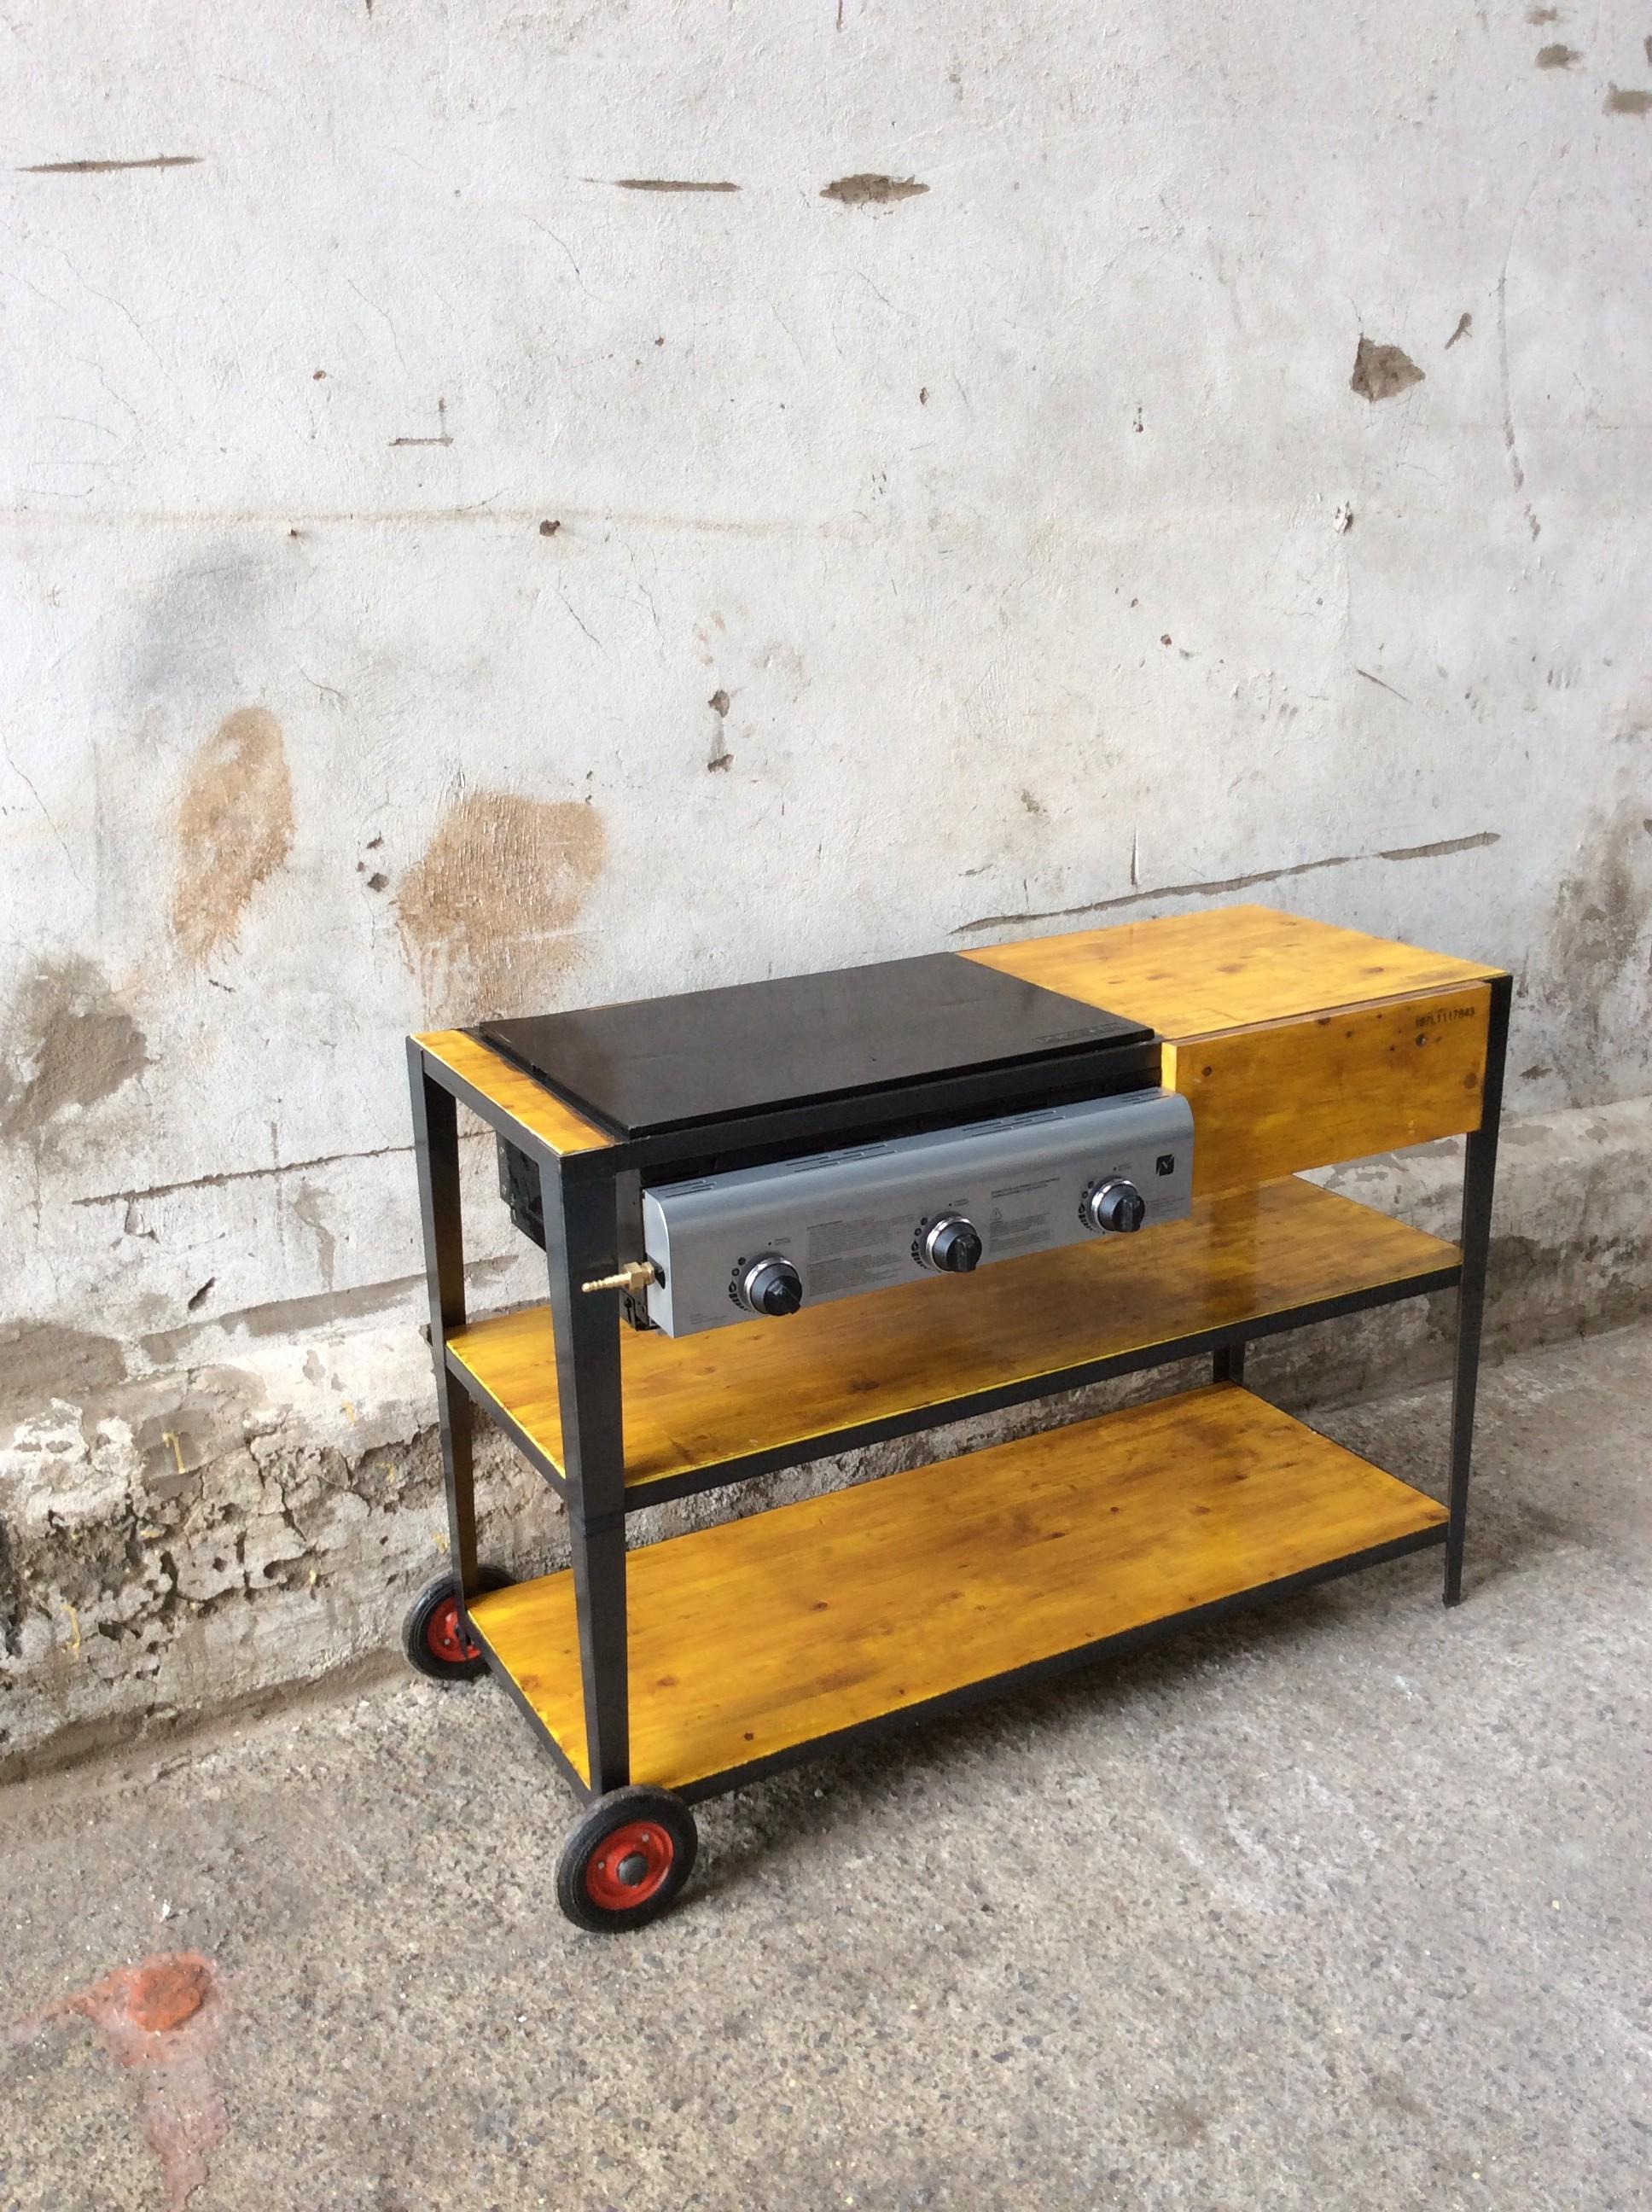 M dulos de cocina scaf polonium 209 for Modulos de cocina precios